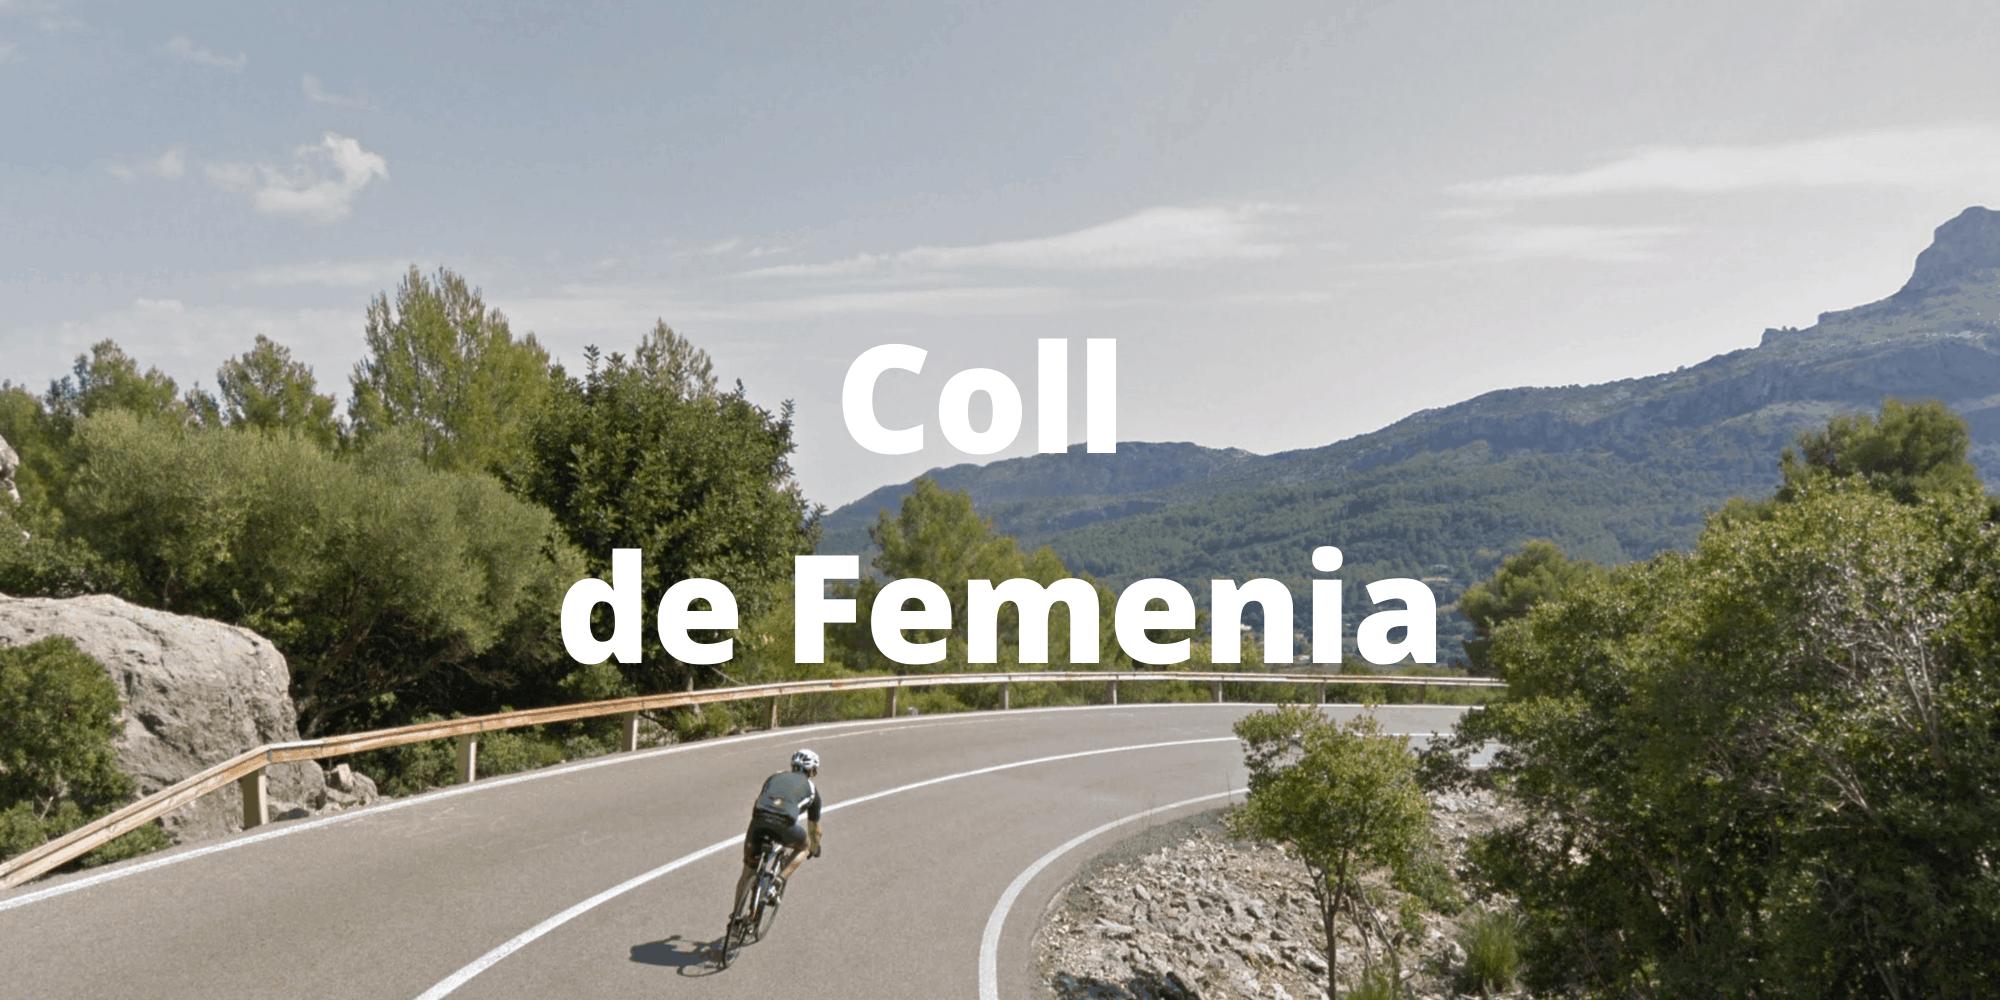 The Coll de Femenia in Mallorca